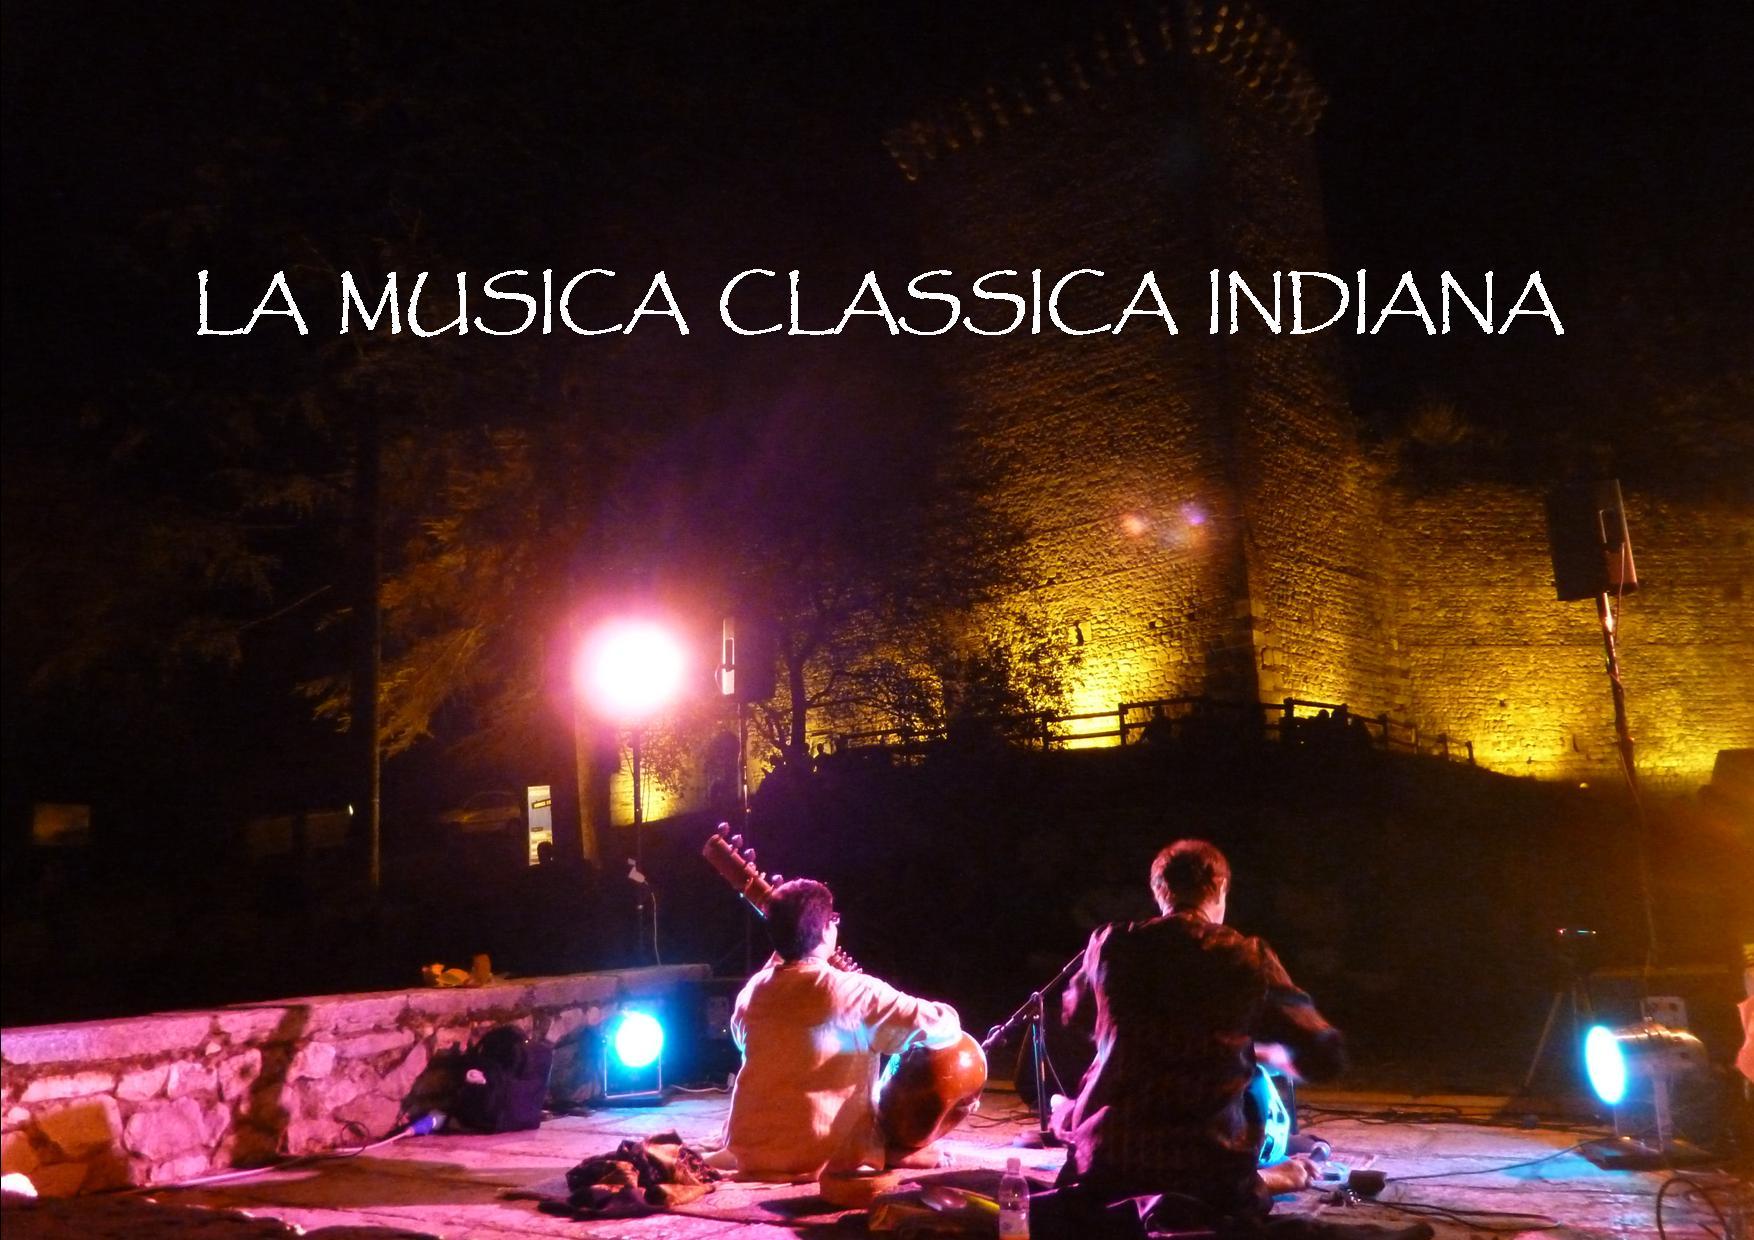 La MUSICA CLASSICA INDIANA 2